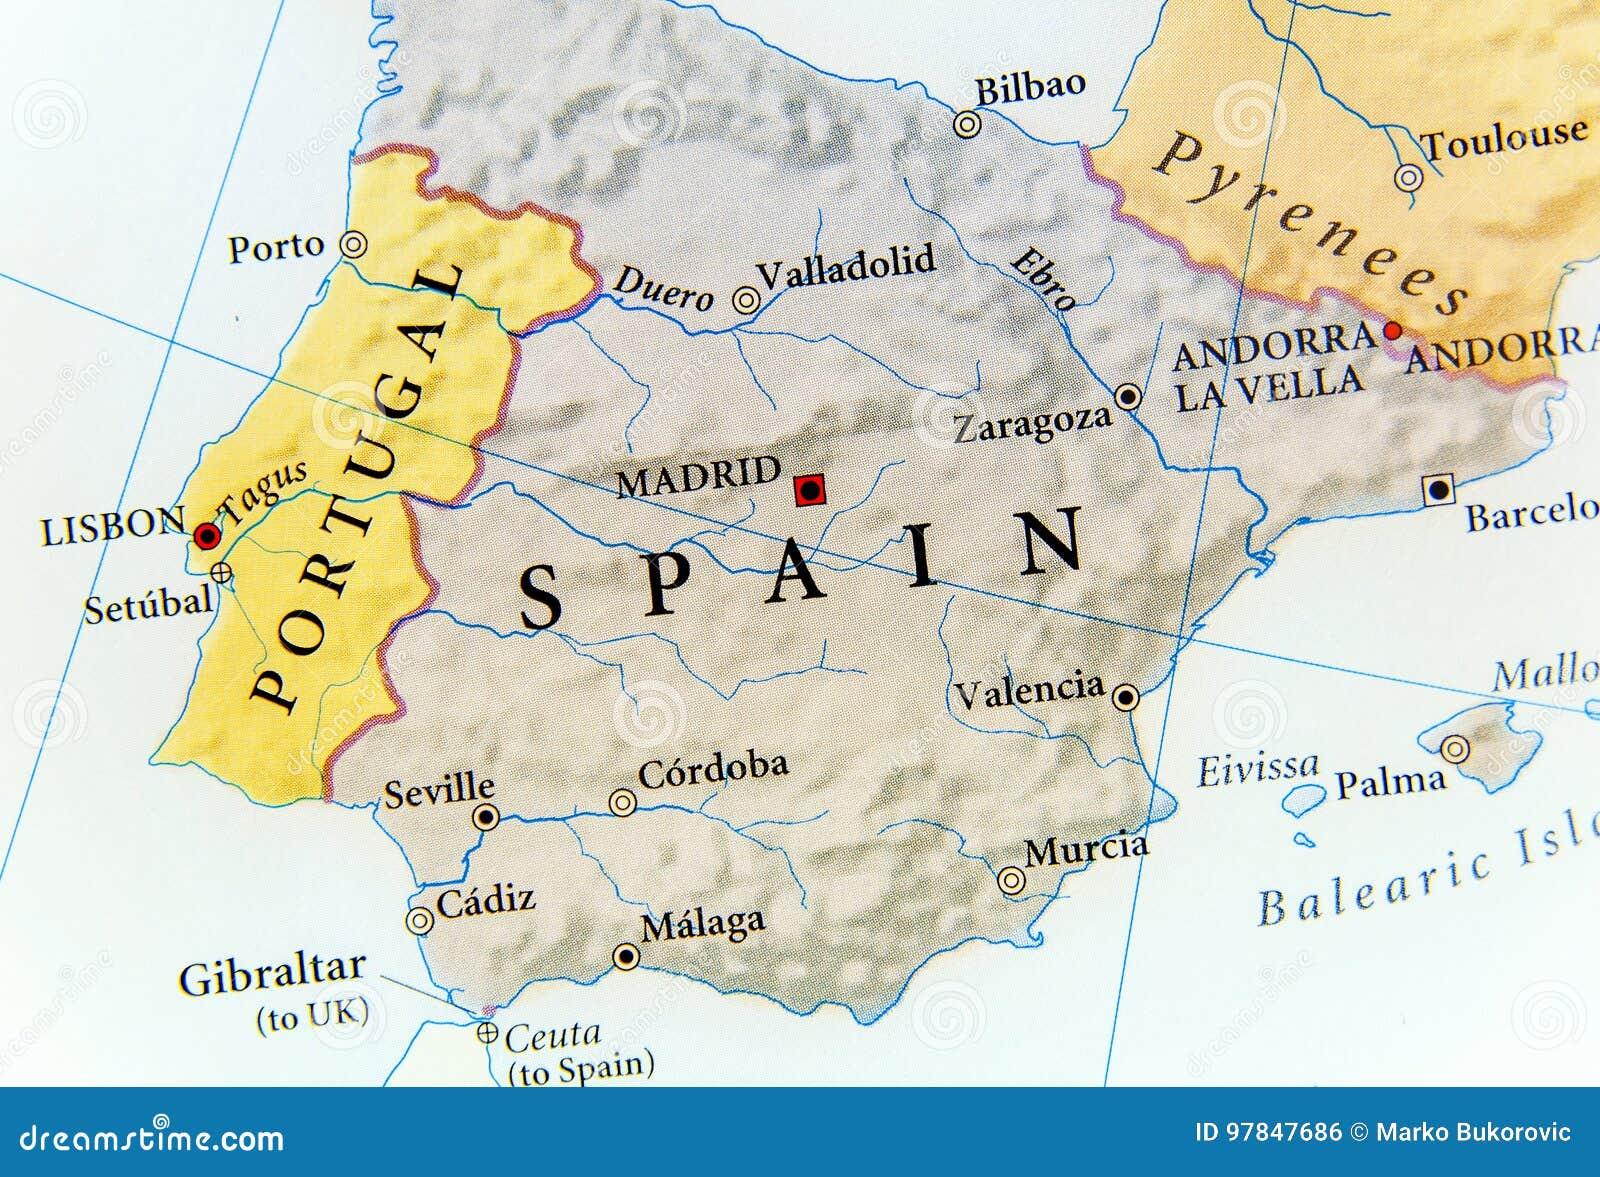 Cartina Della Spagna Geografica.Mappa Geografica Della Spagna Con Le Citta Importanti Fotografia Stock Immagine Di Regione Modello 97847686